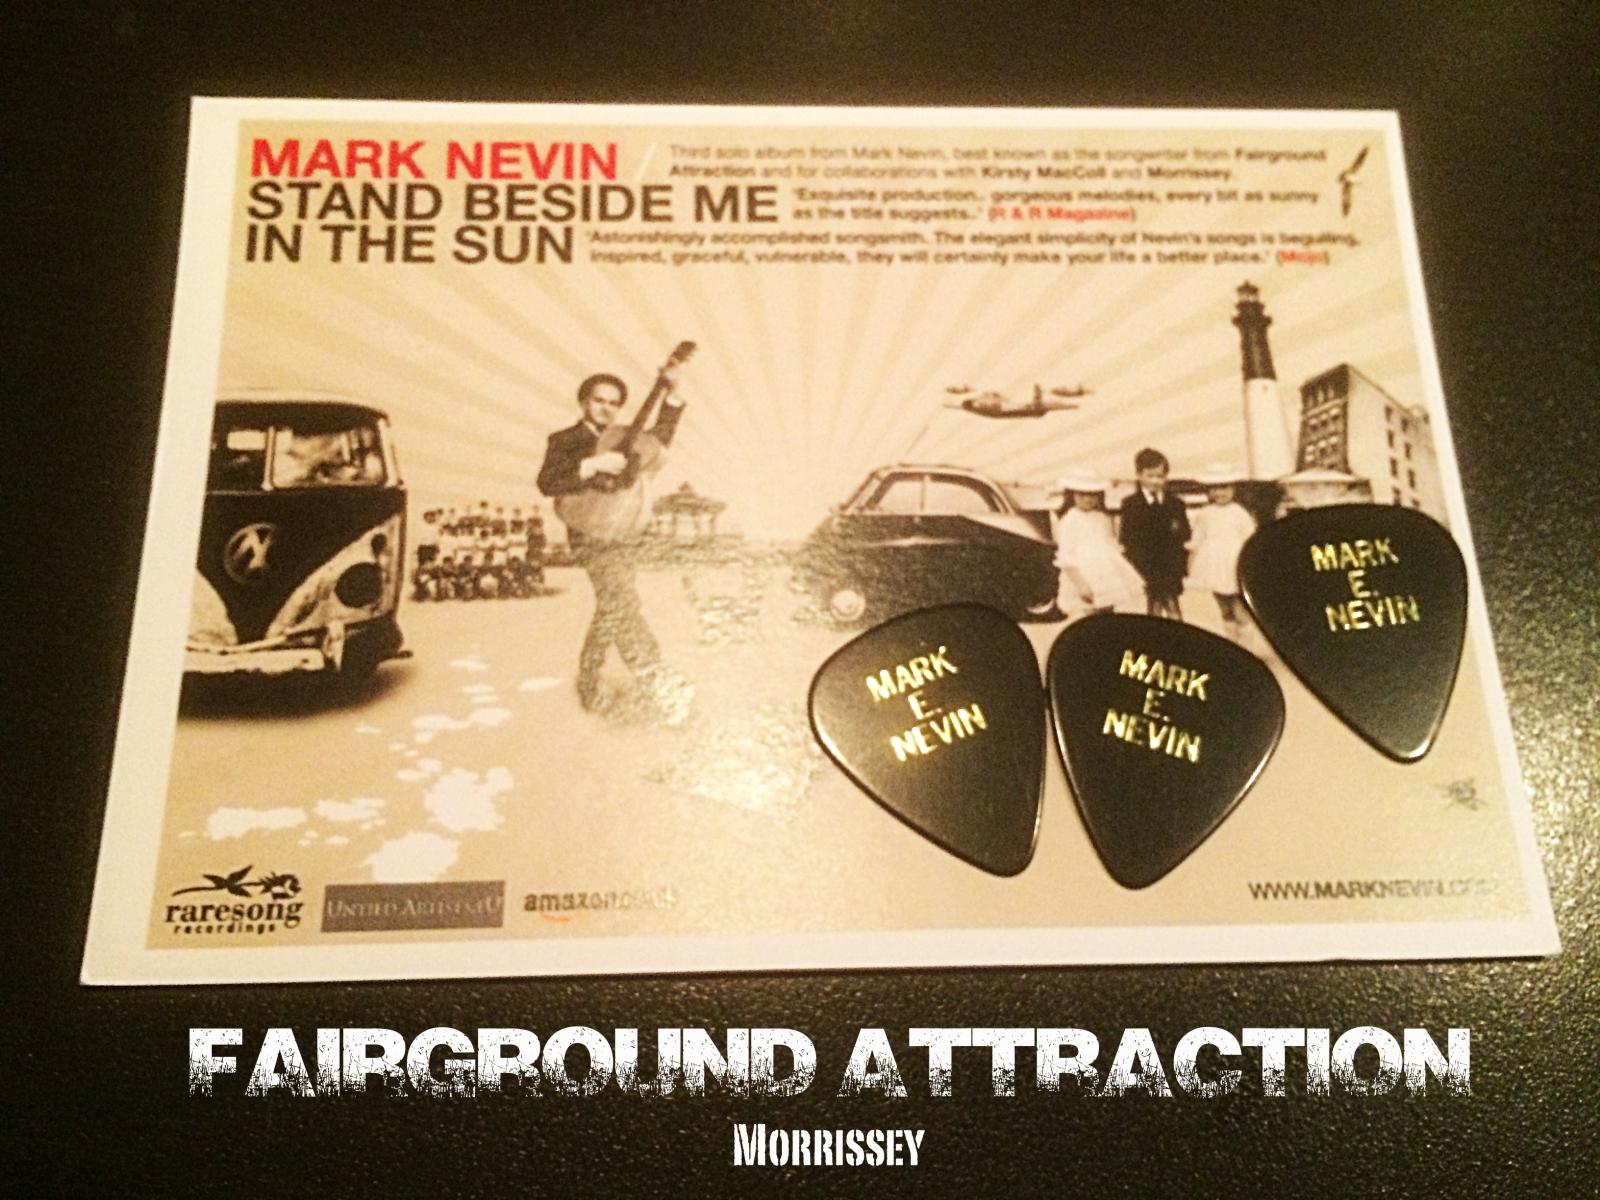 Mark Nevin